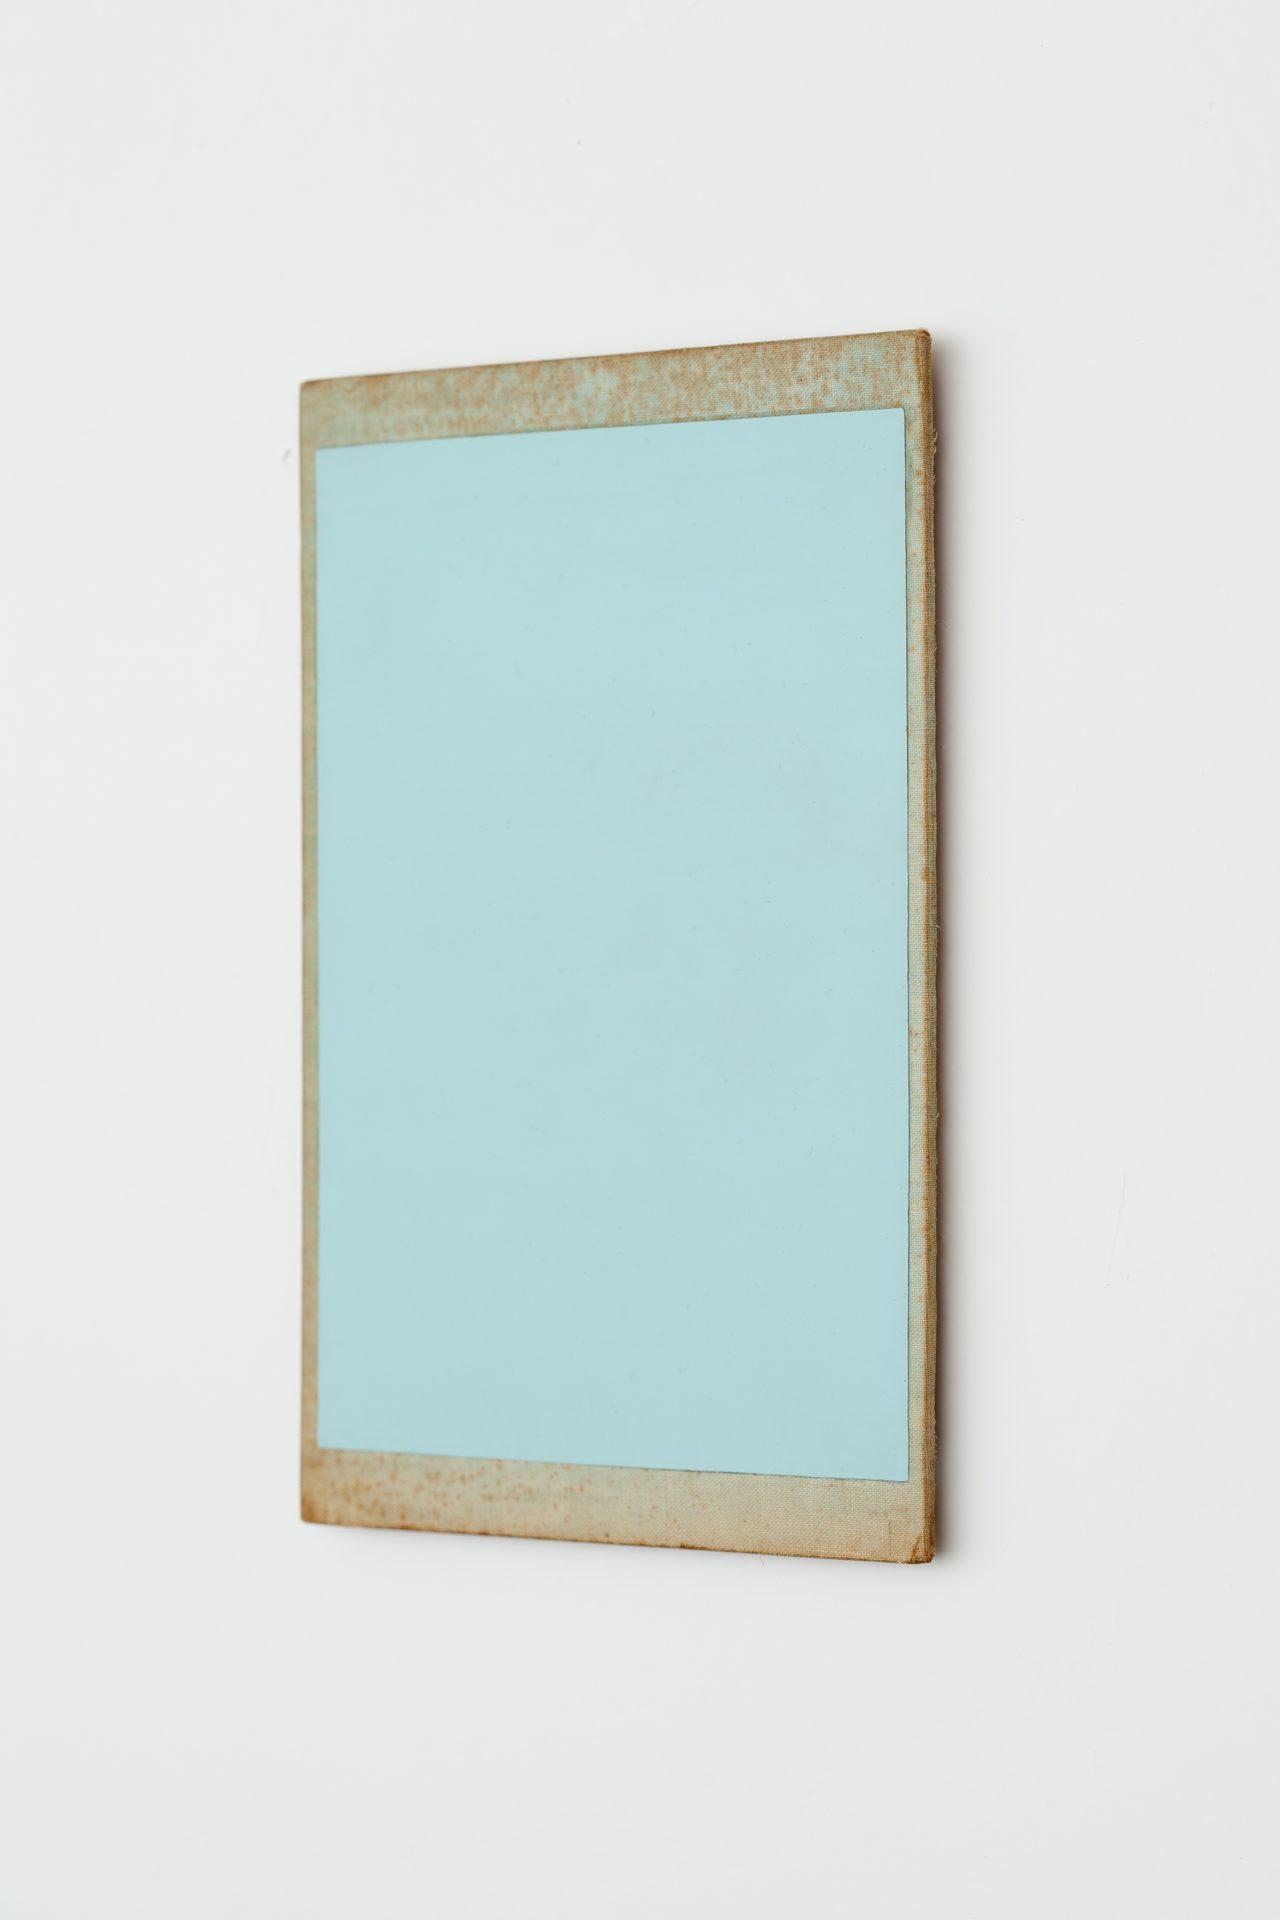 Untitled (de wijde-wijde wereld) - side view